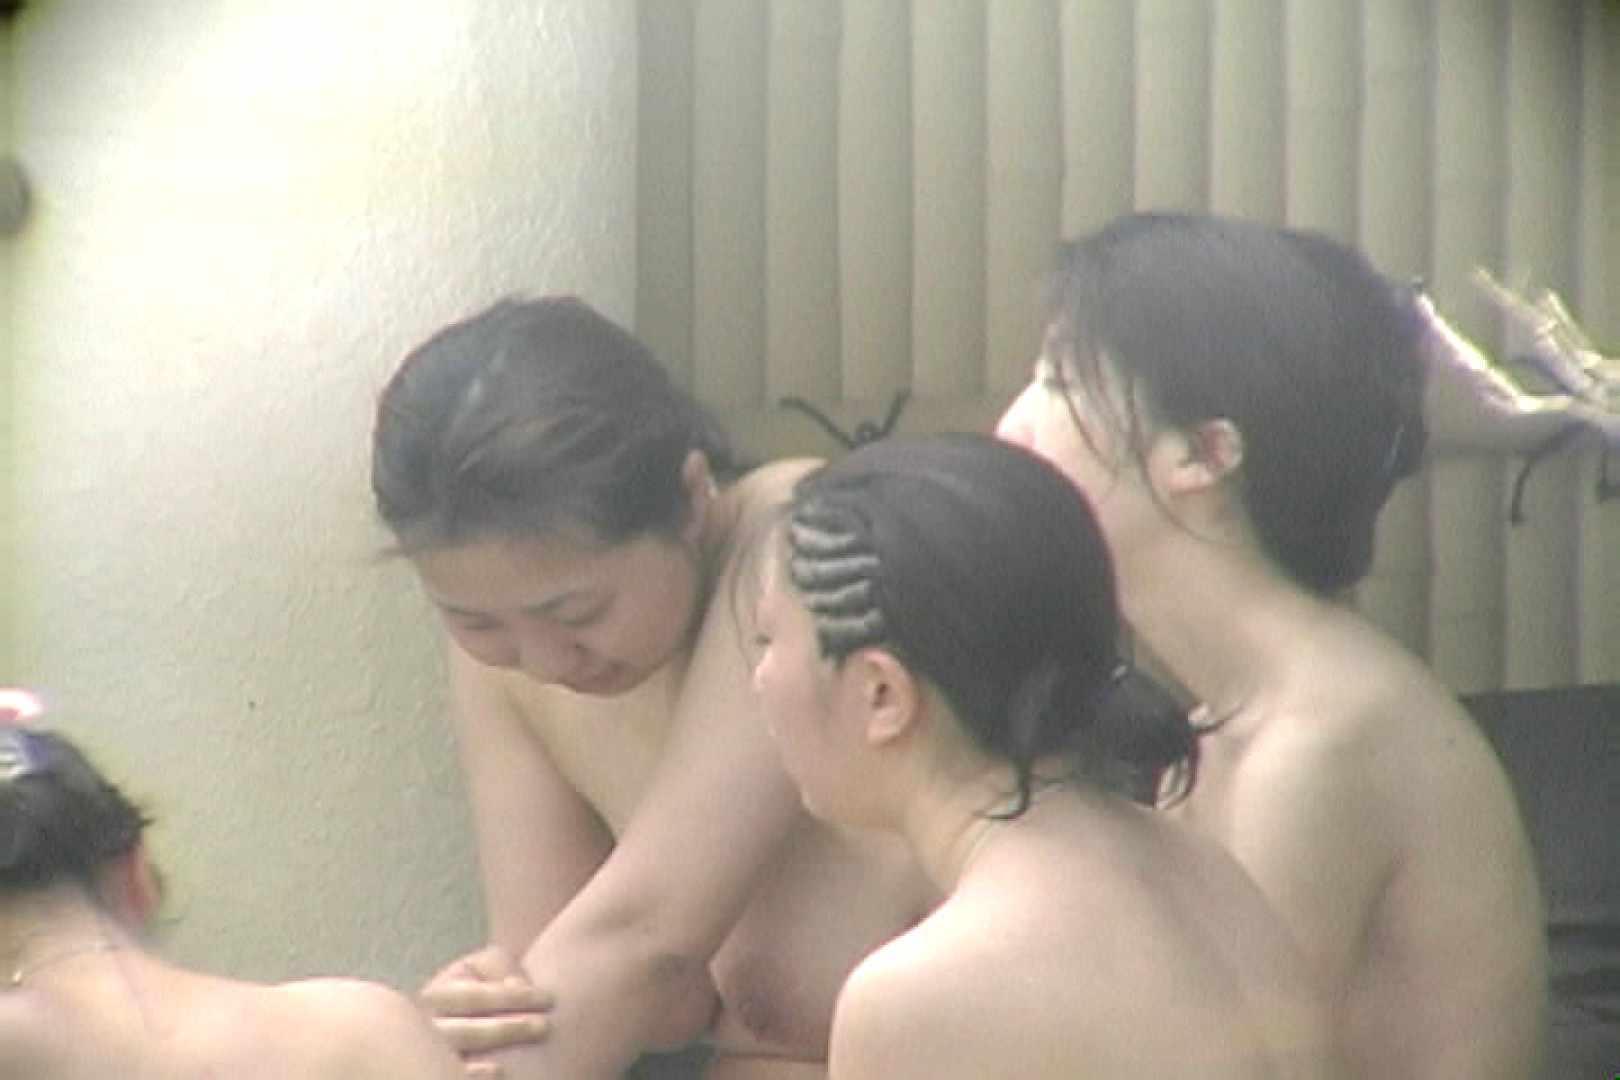 Aquaな露天風呂Vol.31【VIP】 盗撮シリーズ  112PIX 20